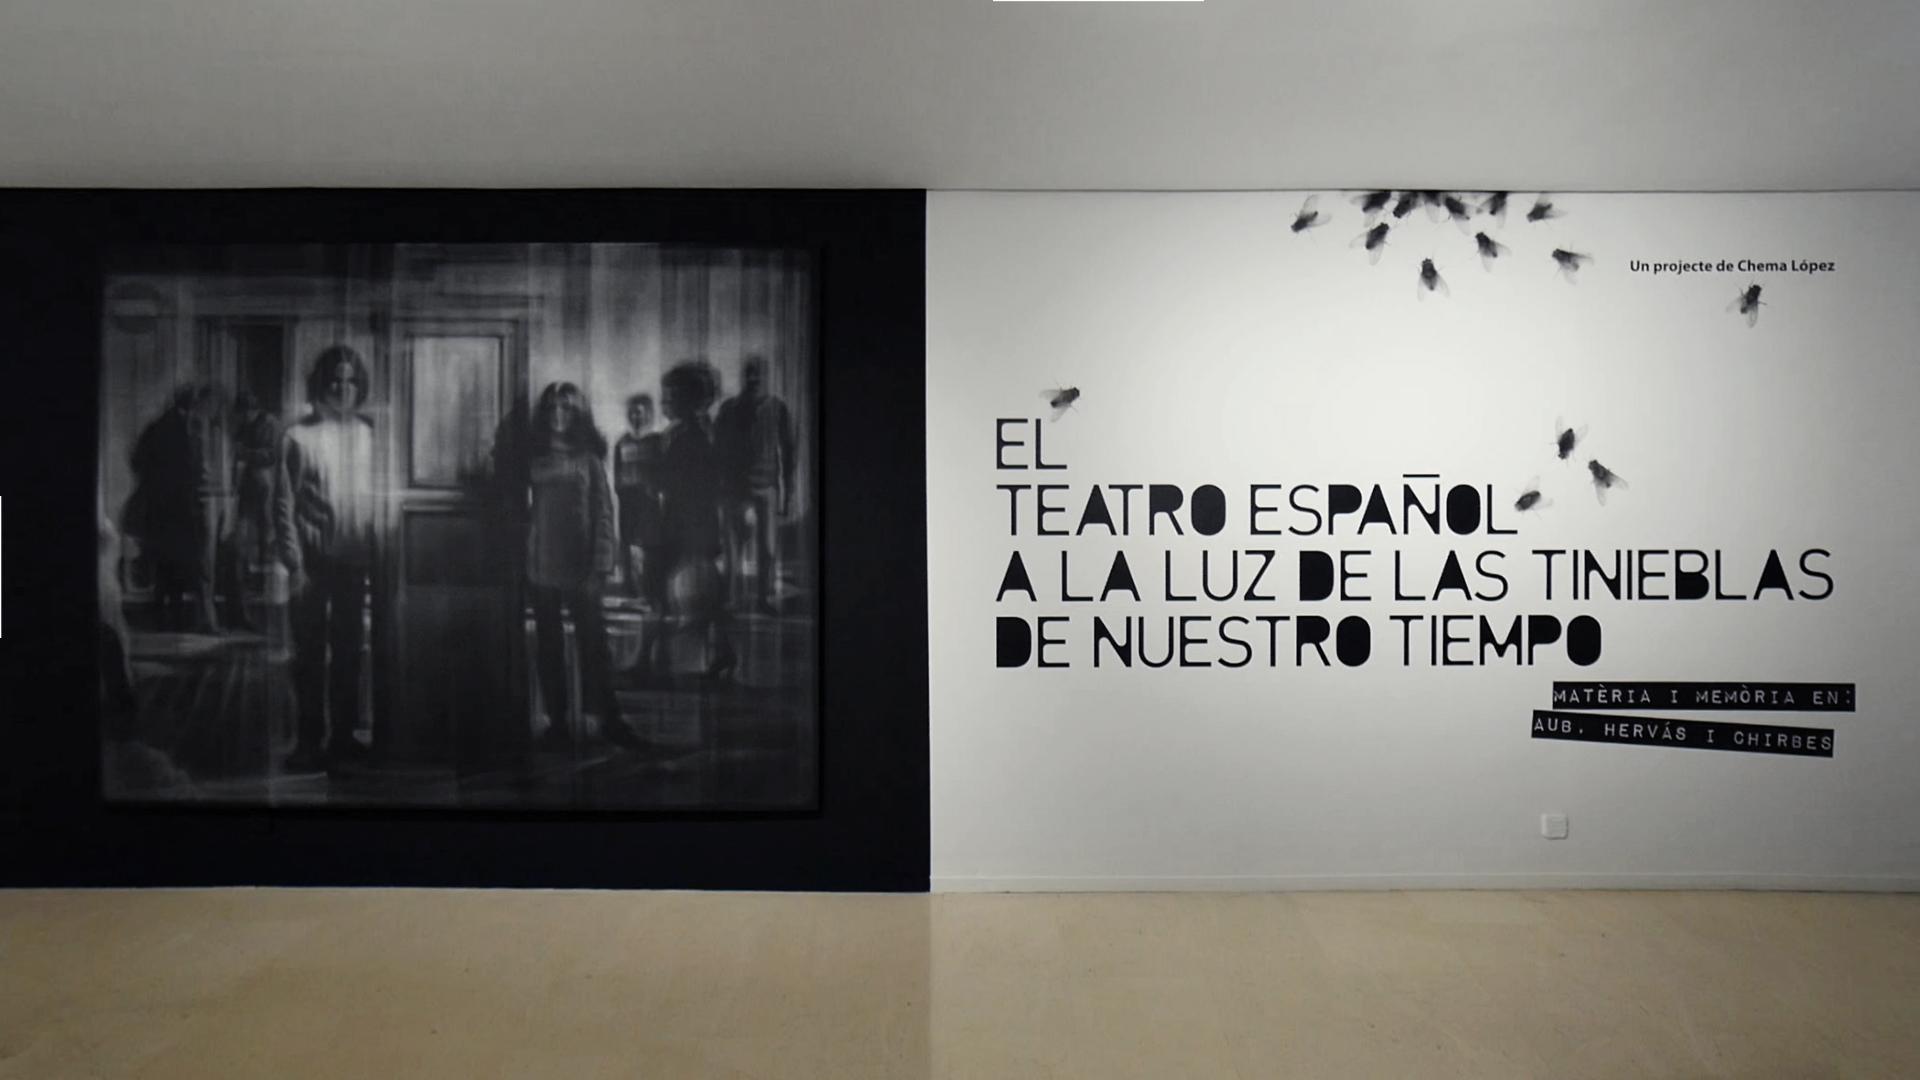 El teatro español a la luz de las tinieblas1